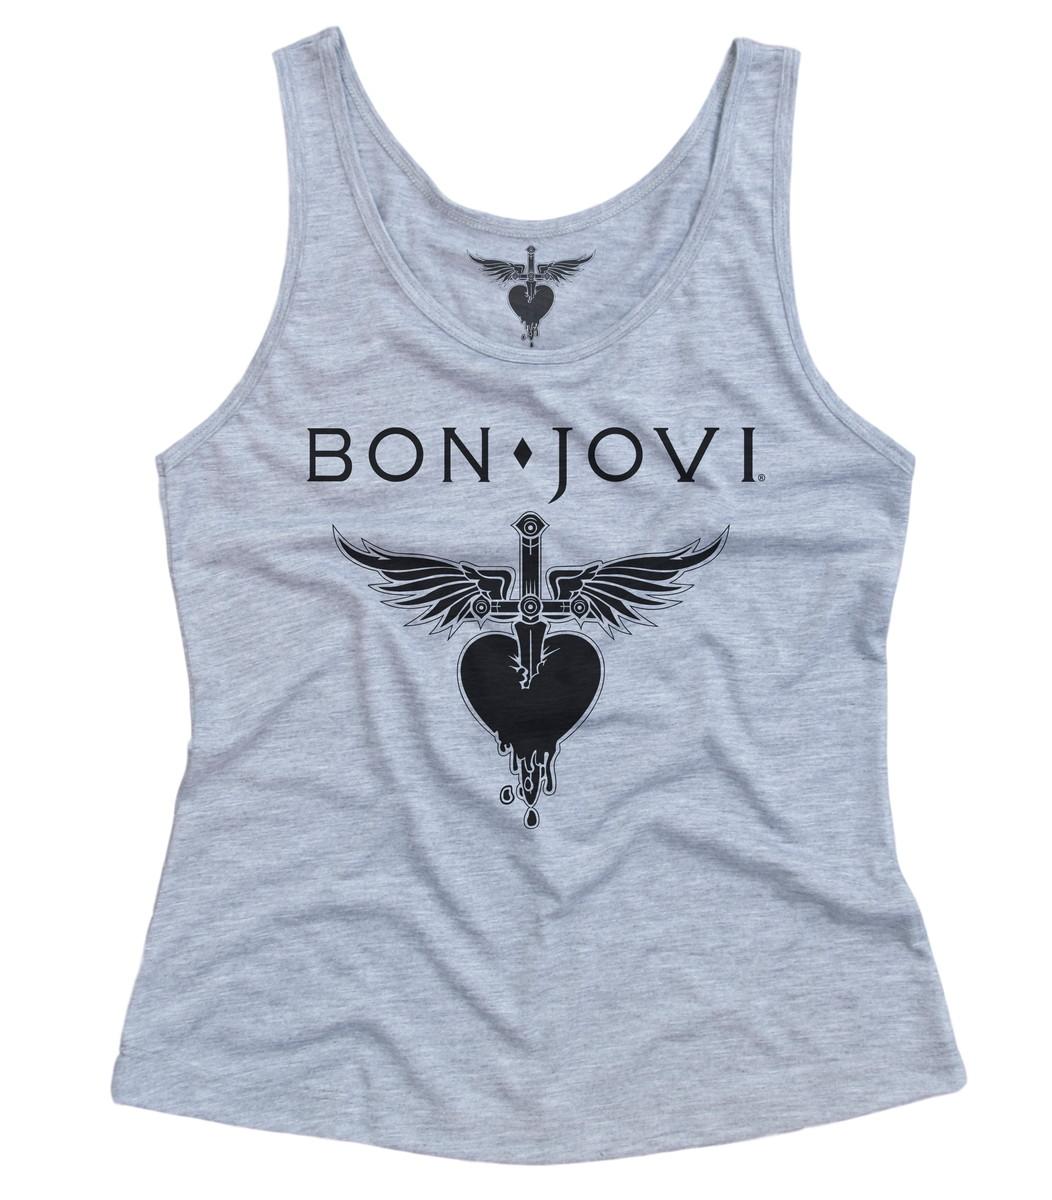 ddd8ef6dcb27b Camiseta Regata Feminina Jon Bon Jovi Banda Rock no Elo7 | Galeria T ...